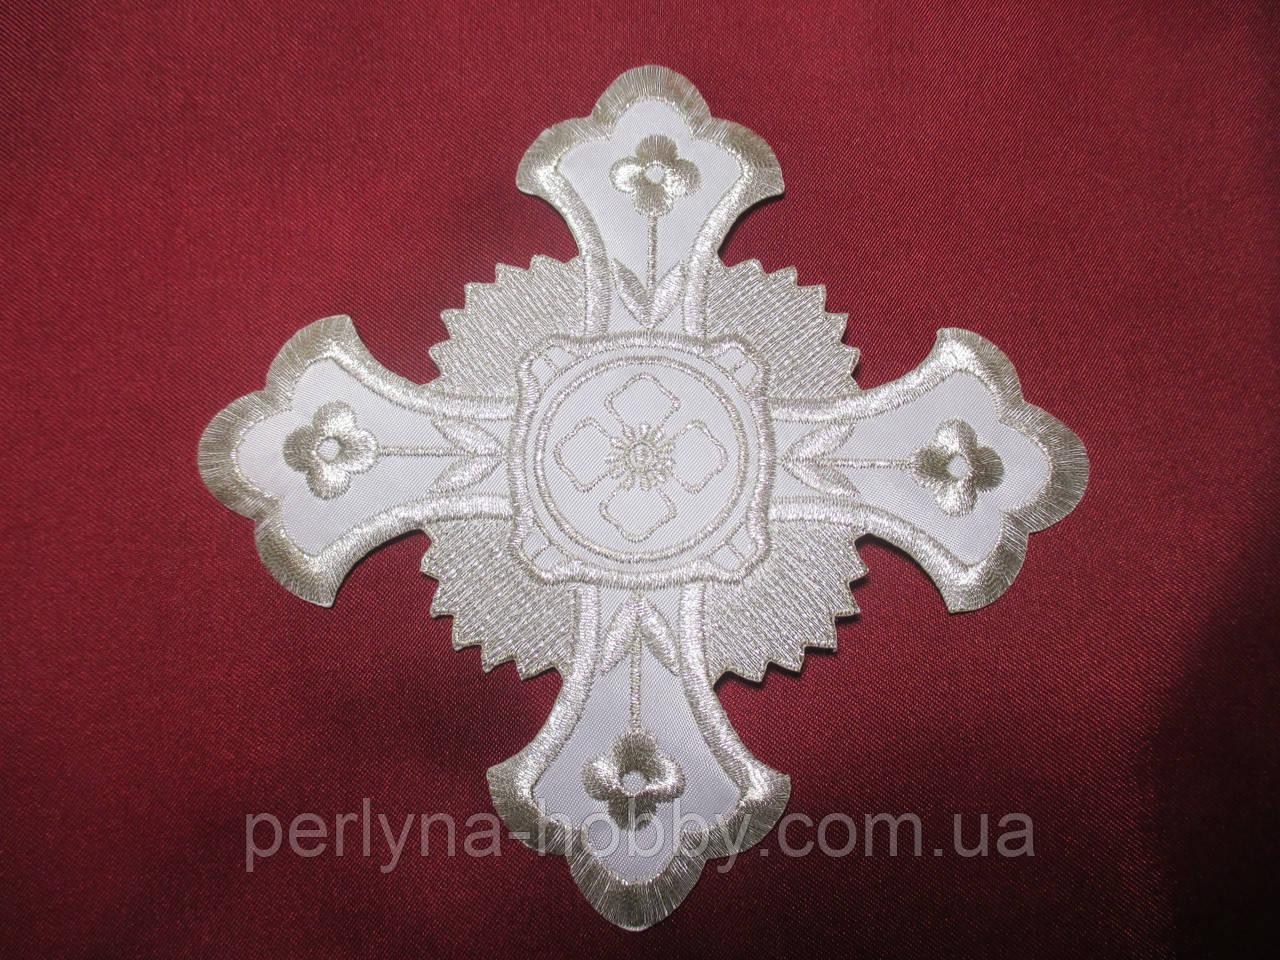 Хрест для церковного одягу середній (алікаця клейова) 14х14 срібло